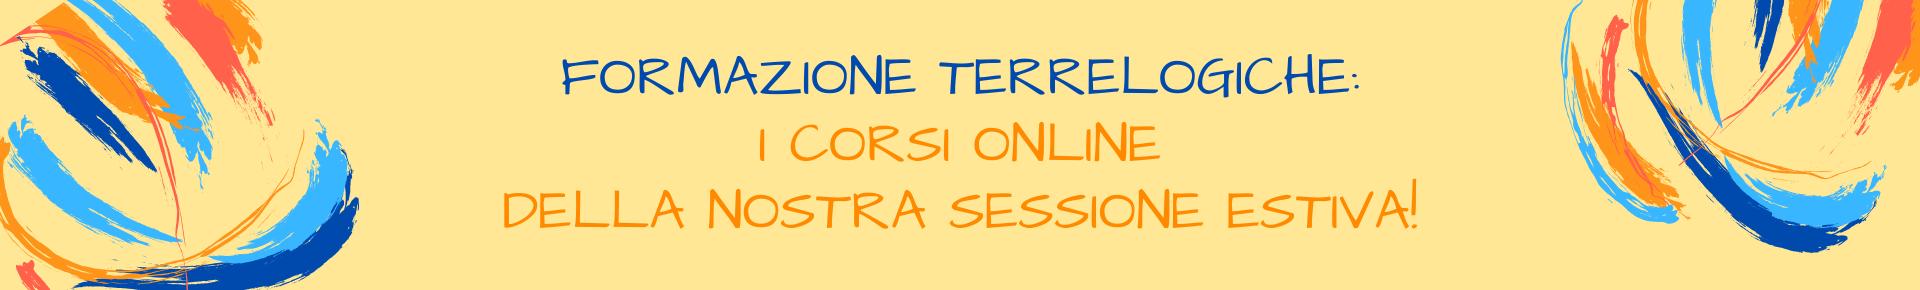 2020_06_01_sessione_estiva_formazione_tl_sottop